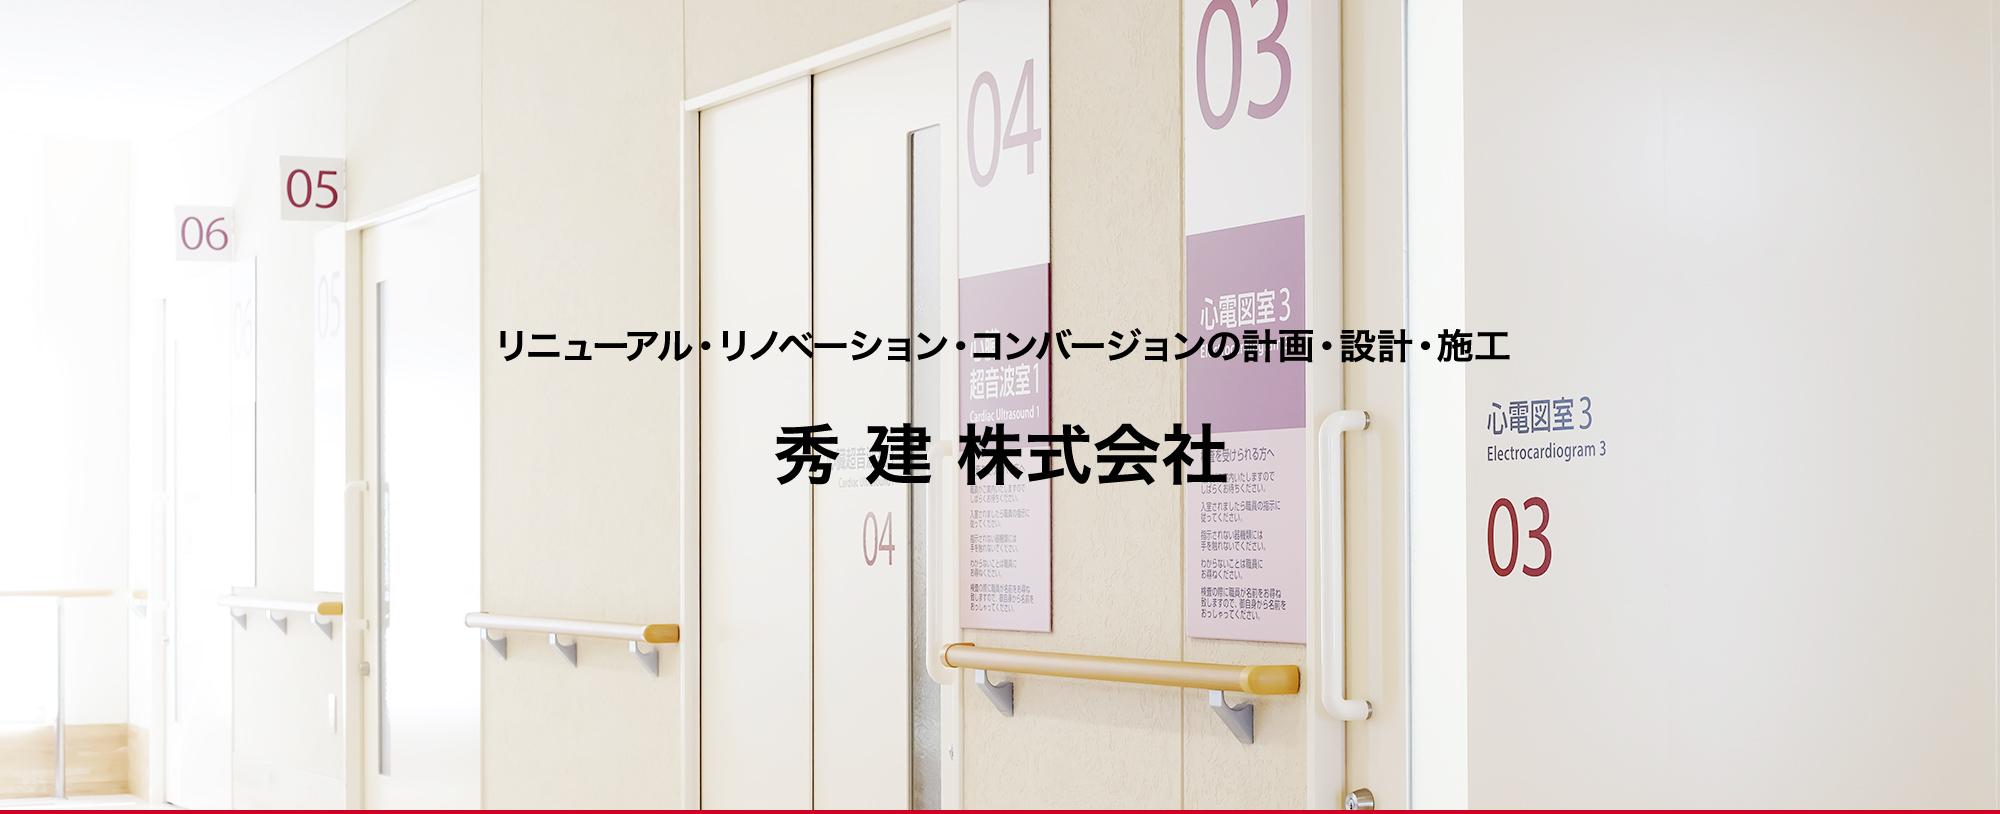 リニューアル・リノベーション・コンバージョンの計画・設計・施工 秀建株式会社